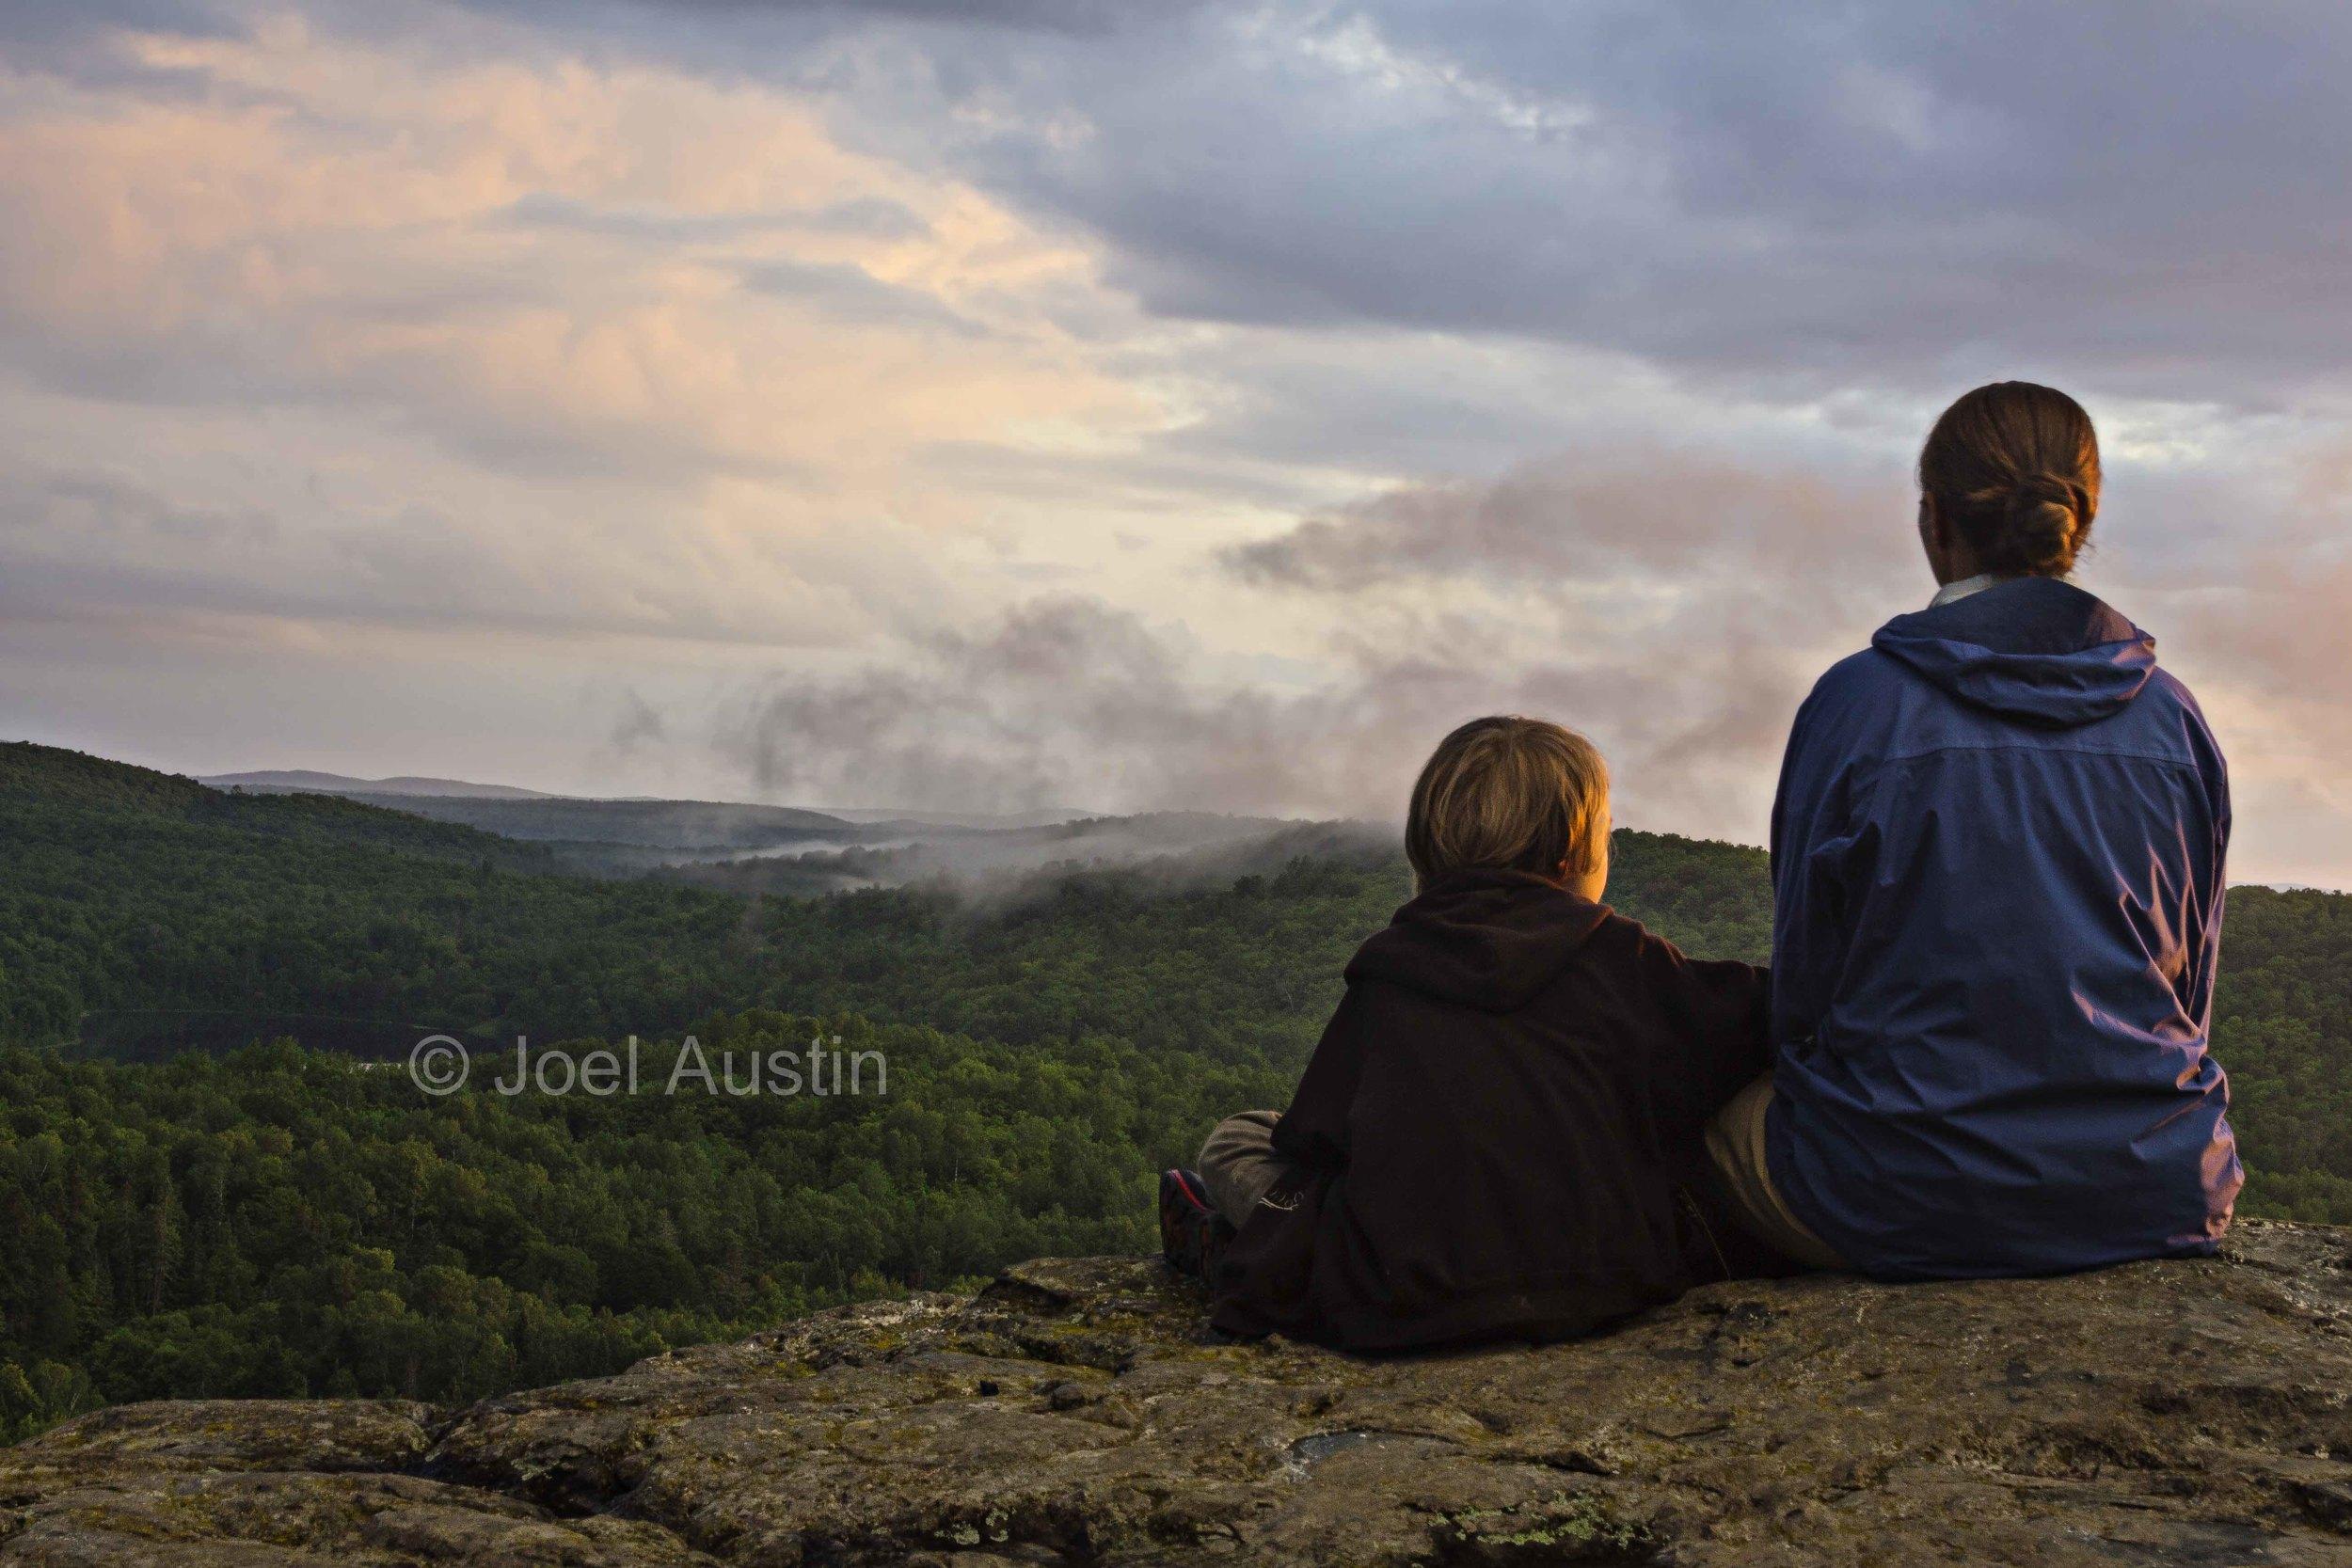 Enjoying the sunset at Corrigan's Lookout